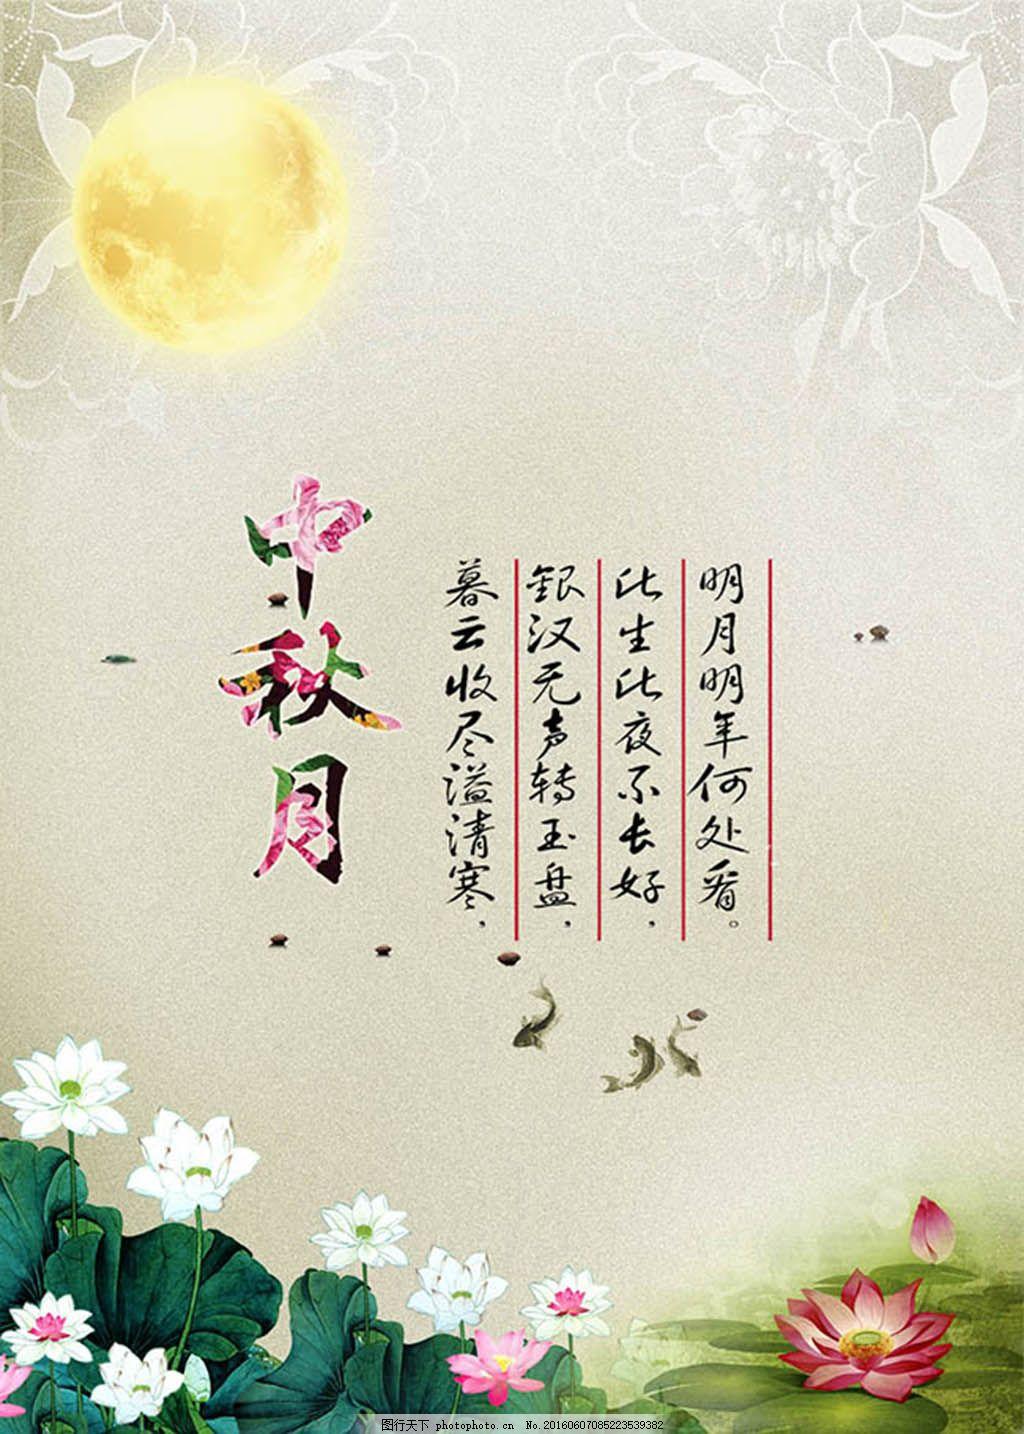 手绘荷花中秋节海报设计 psd素材下载 中国风 中秋节 中秋月 中秋佳节